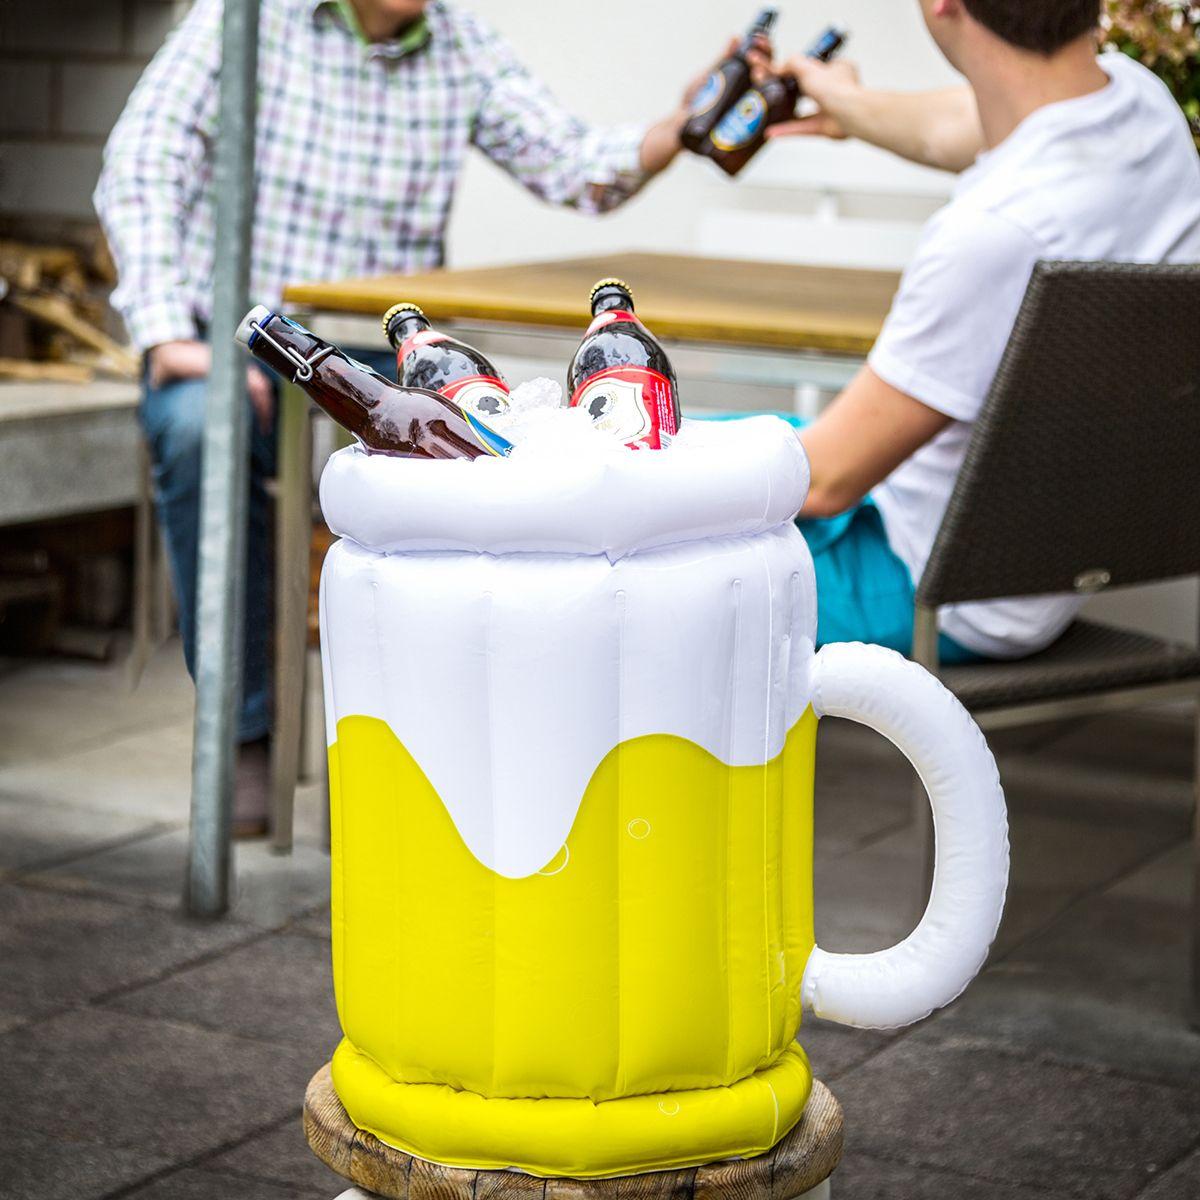 de cerveza Puerta cerveza Puerta inflableTroppotogo cerveza Puerta inflableTroppotogo de cerveza de Puerta de inflableTroppotogo jc34Rq5LA